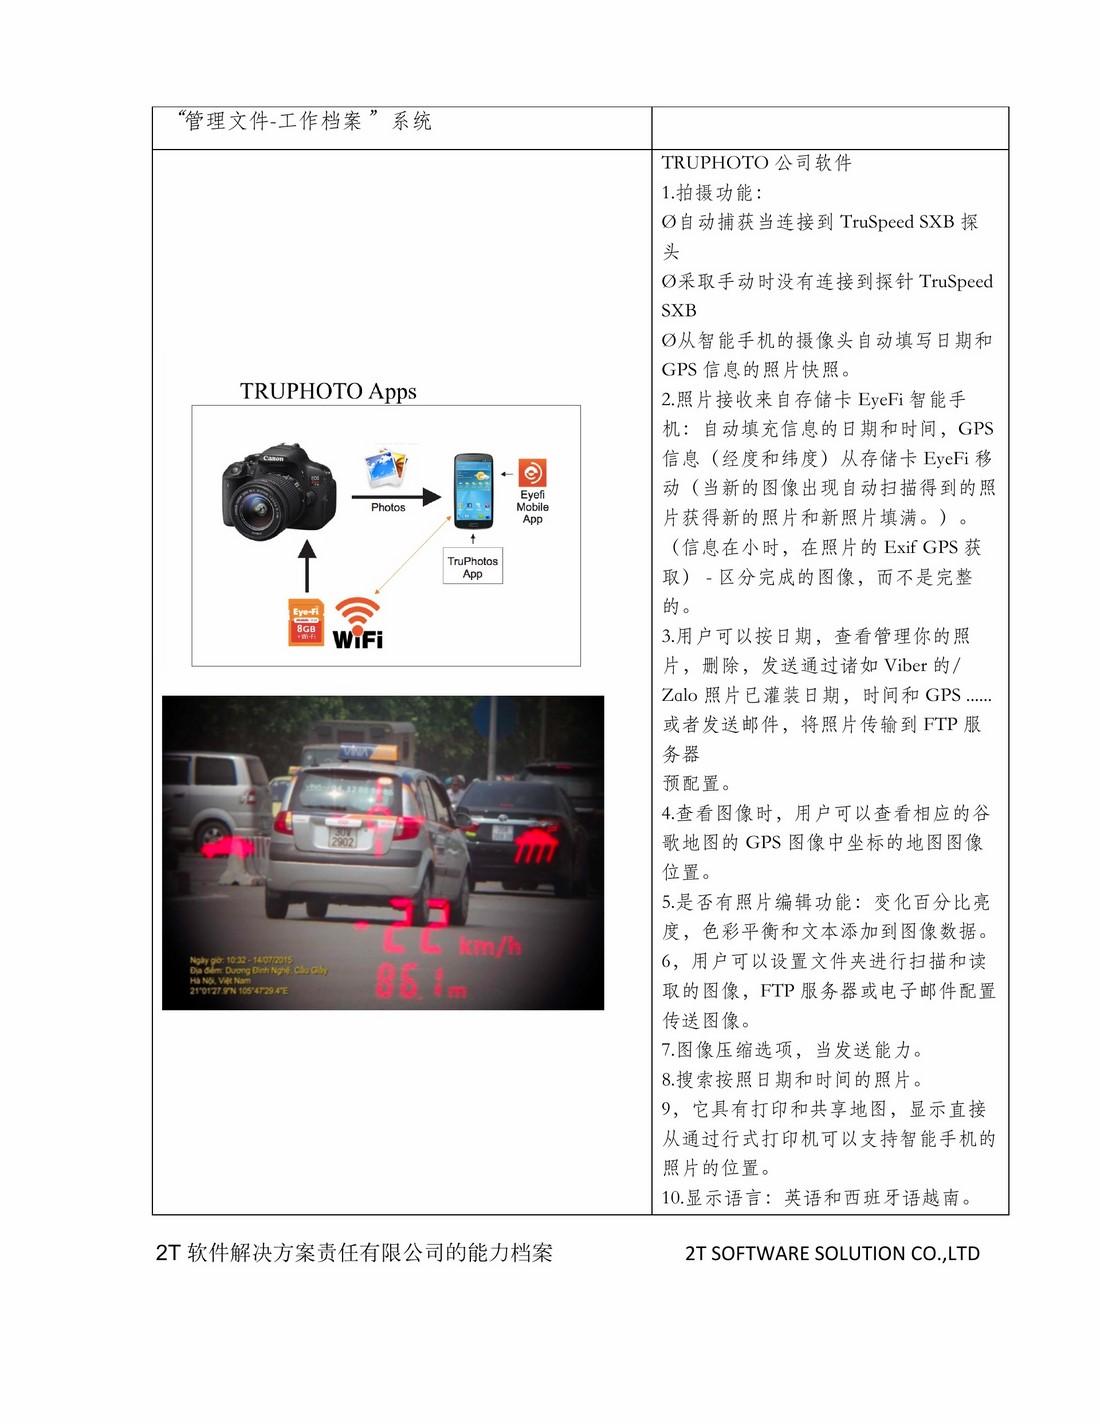 PDFtoJPG.me-24 (Copy)